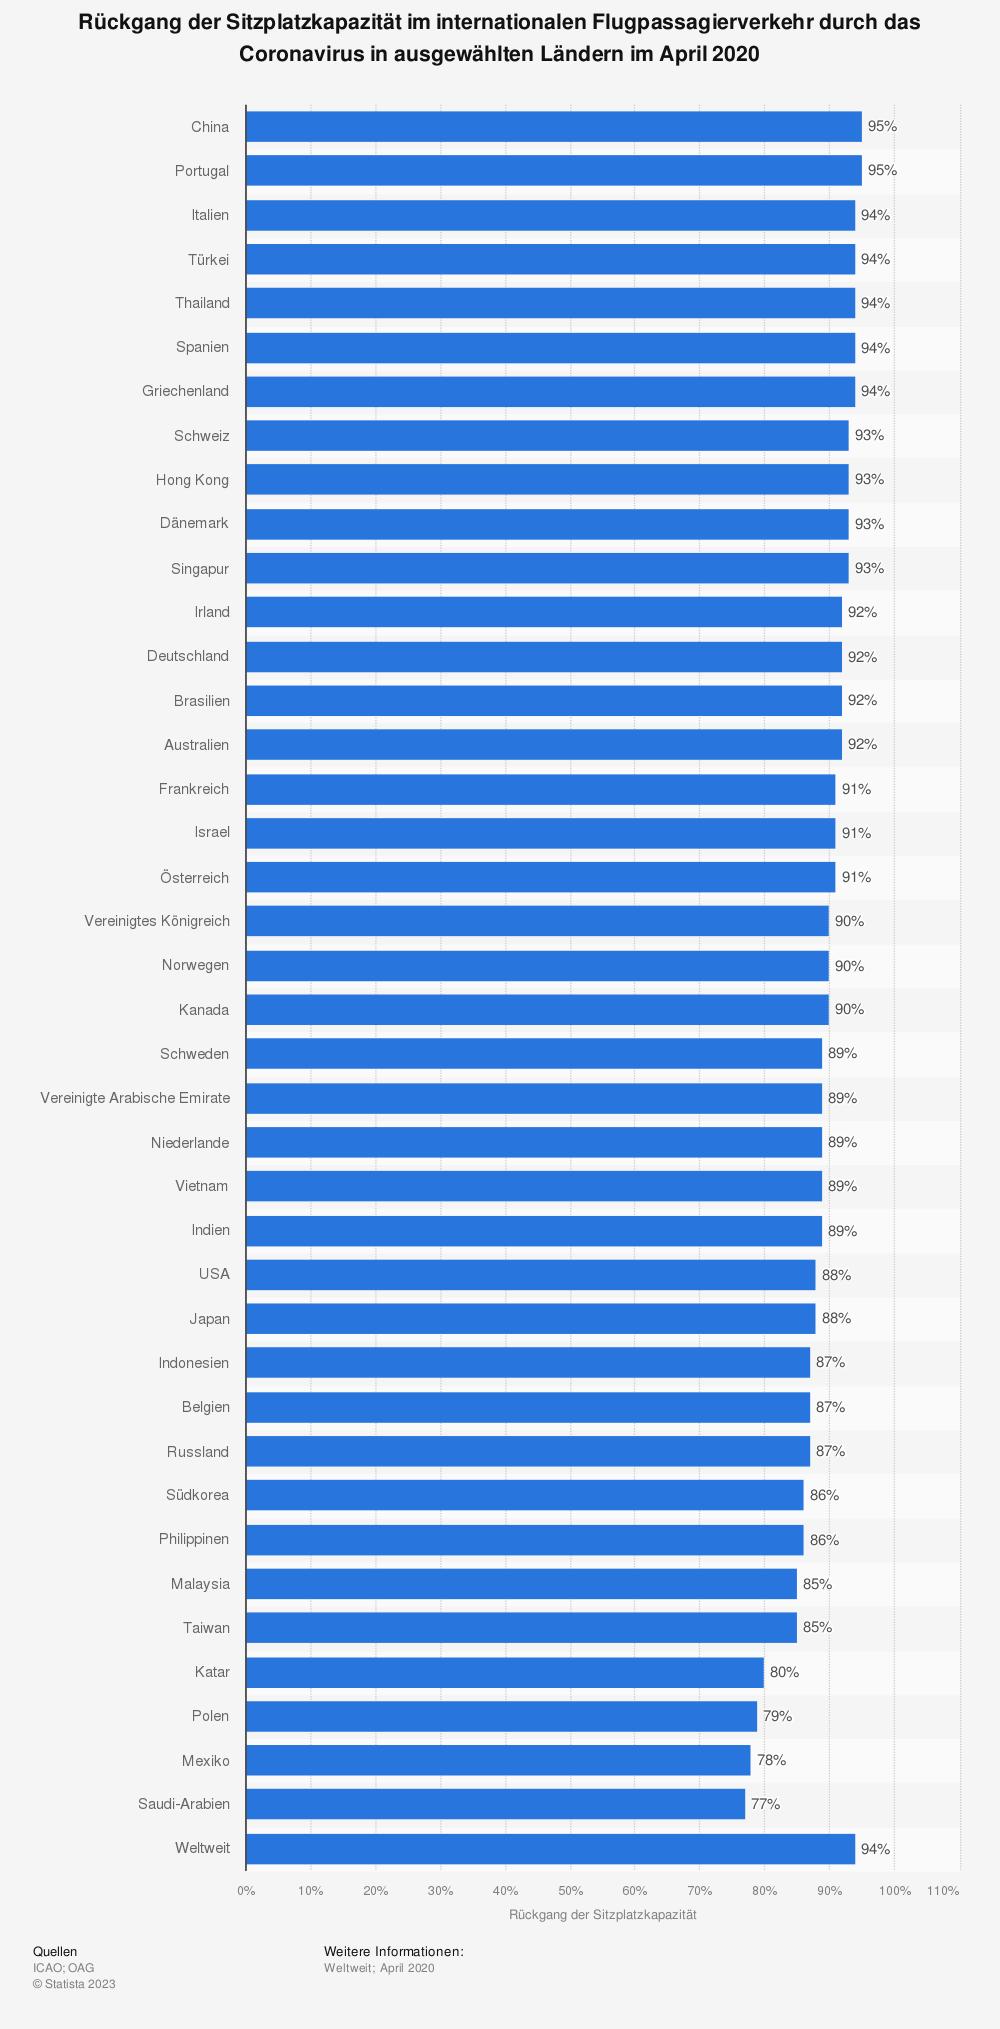 Statistik: Rückgang der Sitzplatzkapazität im internationalen Flugpassagierverkehr durch das Coronavirus in ausgewählten Ländern im April 2020 | Statista